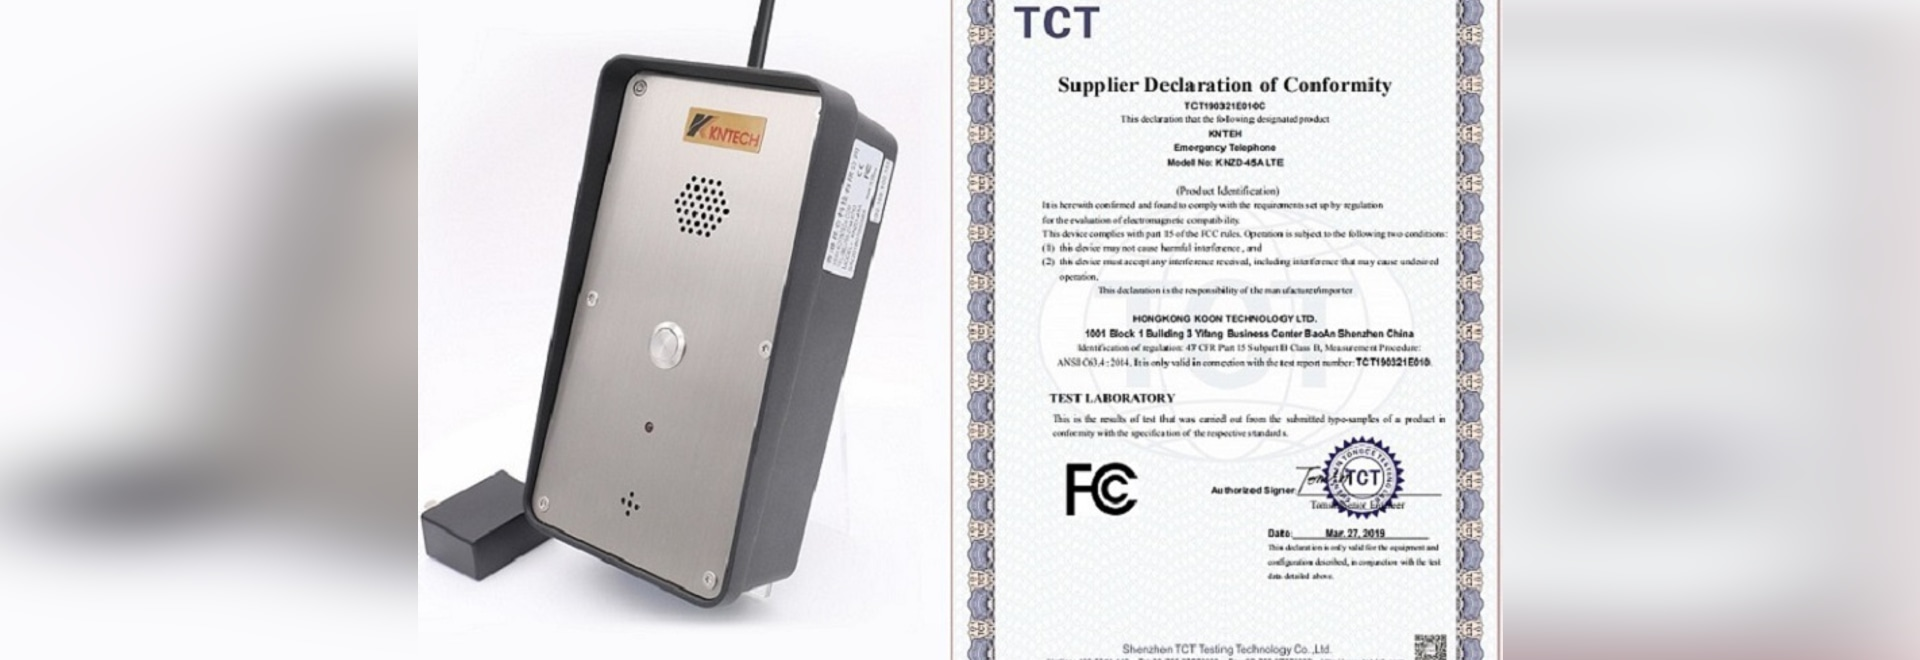 KNTECH GSM 4G Wireless Intercom Pass FCC Certificate